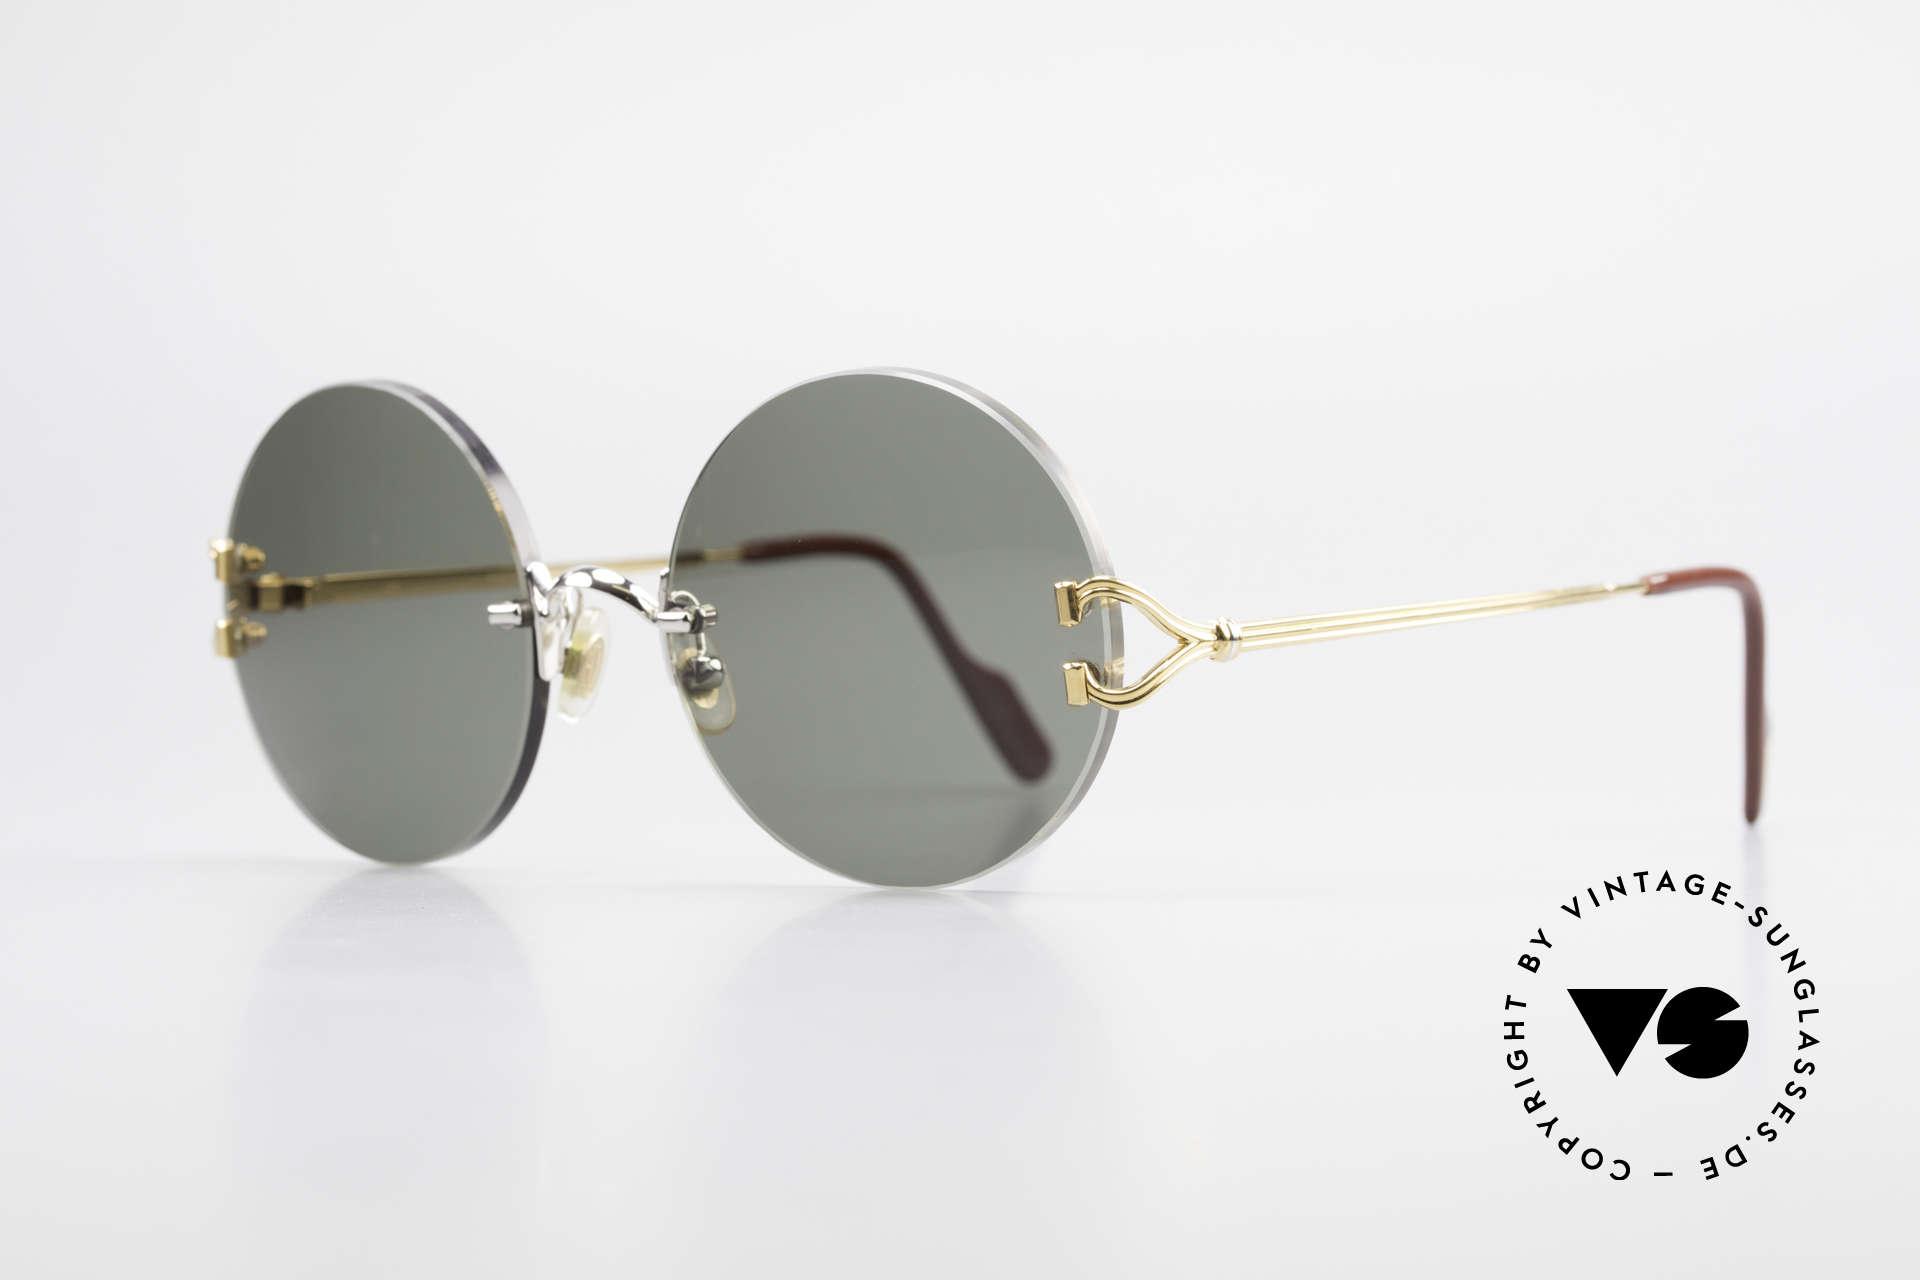 Cartier Madison Runde Customized Sonnenbrille, teures ORIGINAL in scheinbar zeitlosem Design, Passend für Herren und Damen